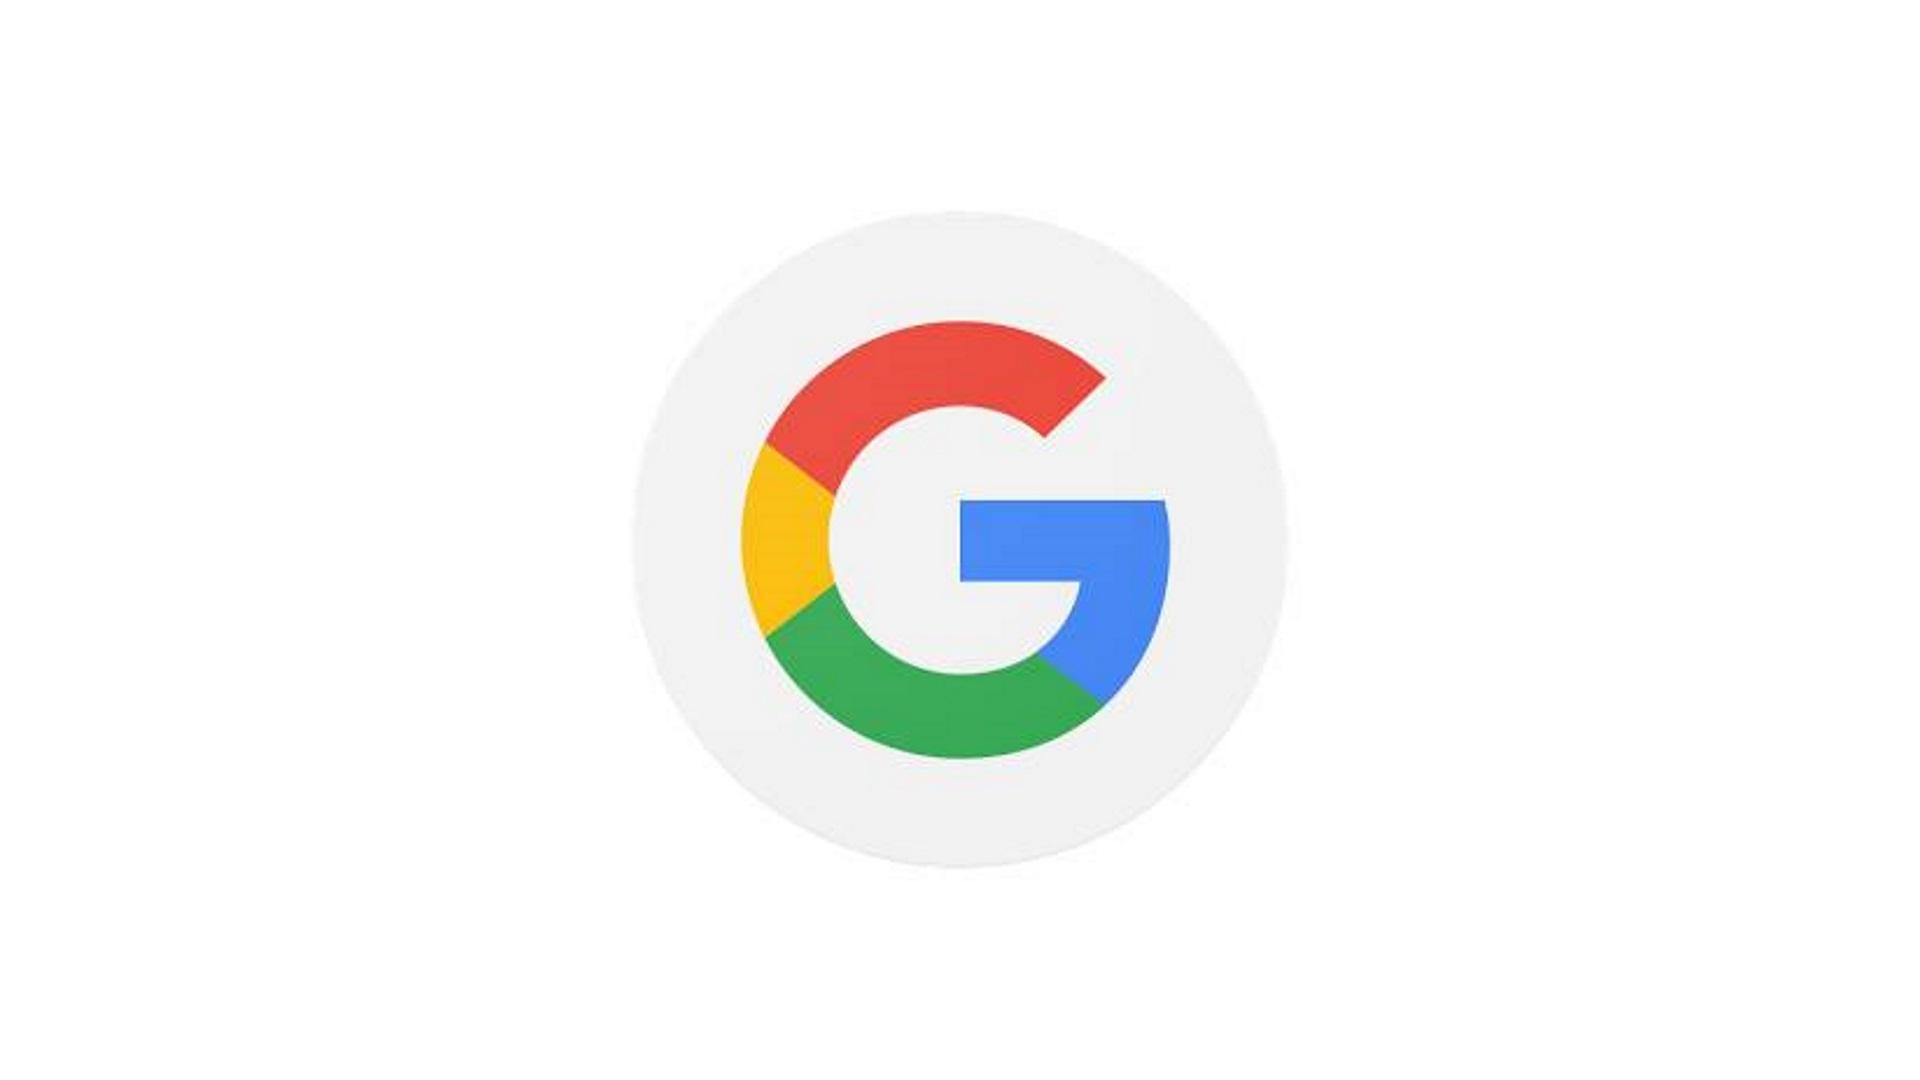 iOS版「Google」アプリv35でお気に入りトピックのフォロー機能をサポート